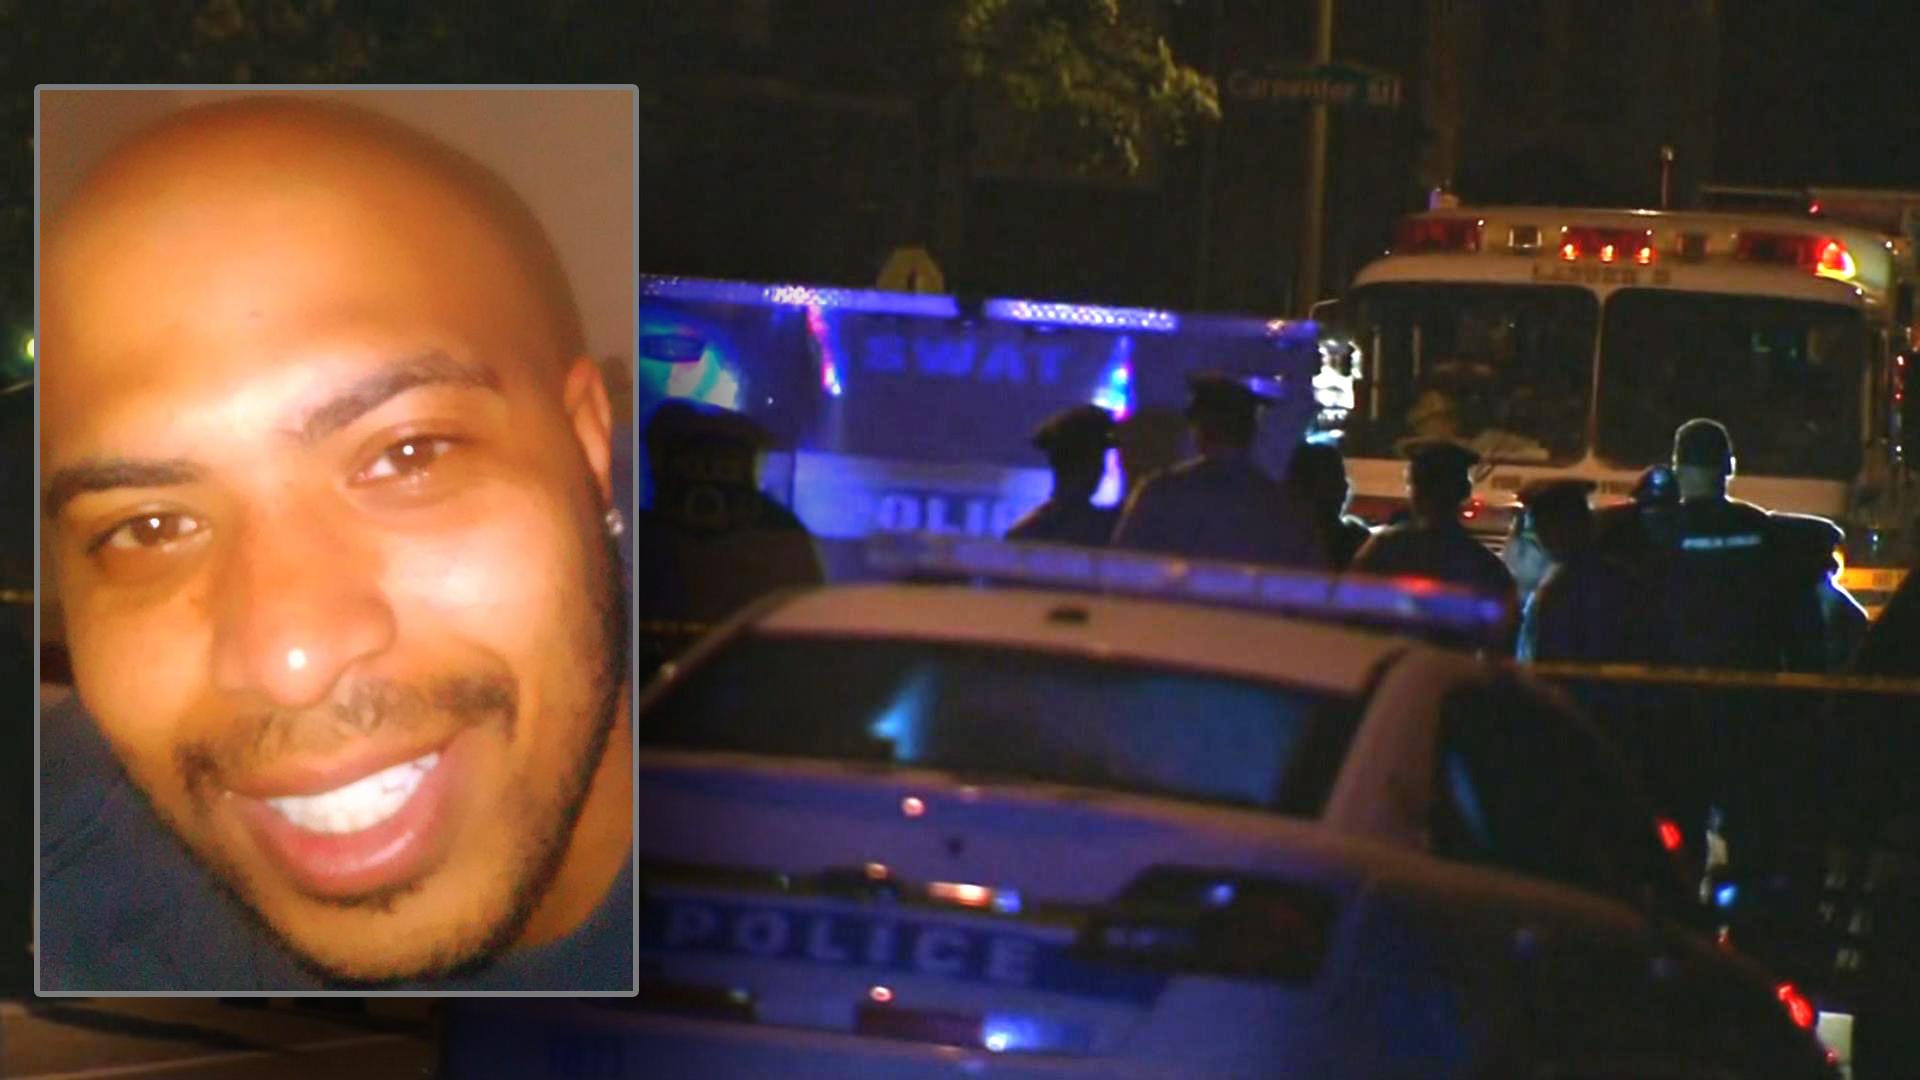 Philadelphia Police Fired 109 Shots At Violent Criminal